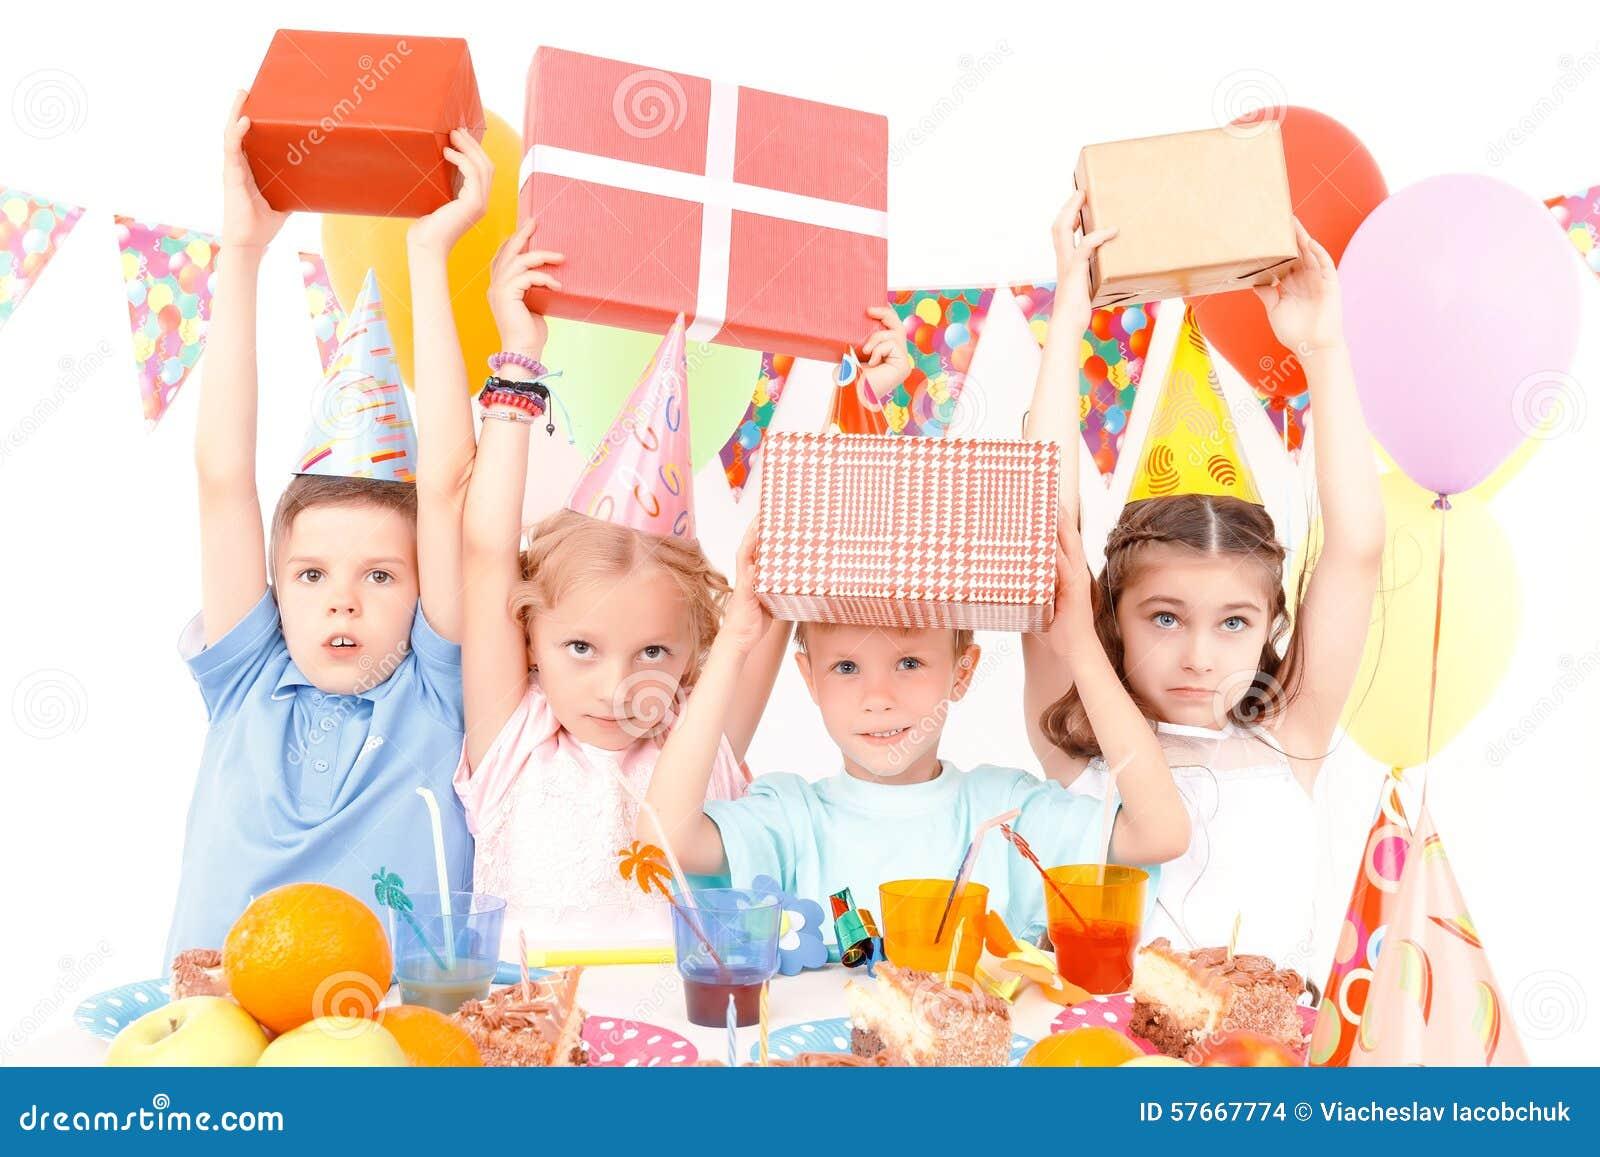 Małe dzieci pozuje z prezentami urodzinowymi